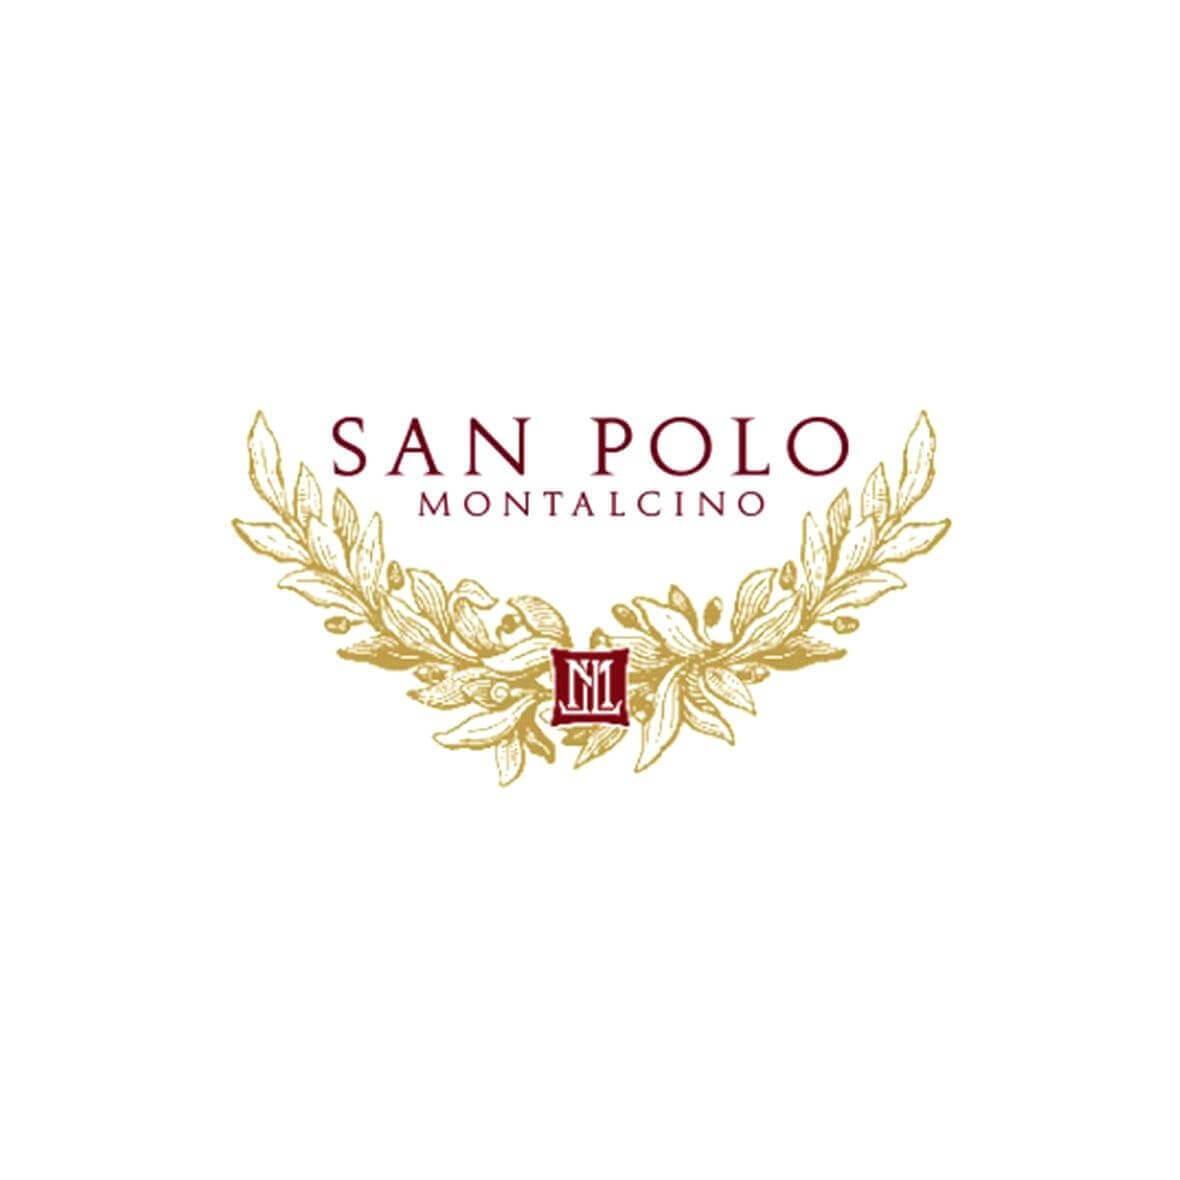 San Polo Montalcino